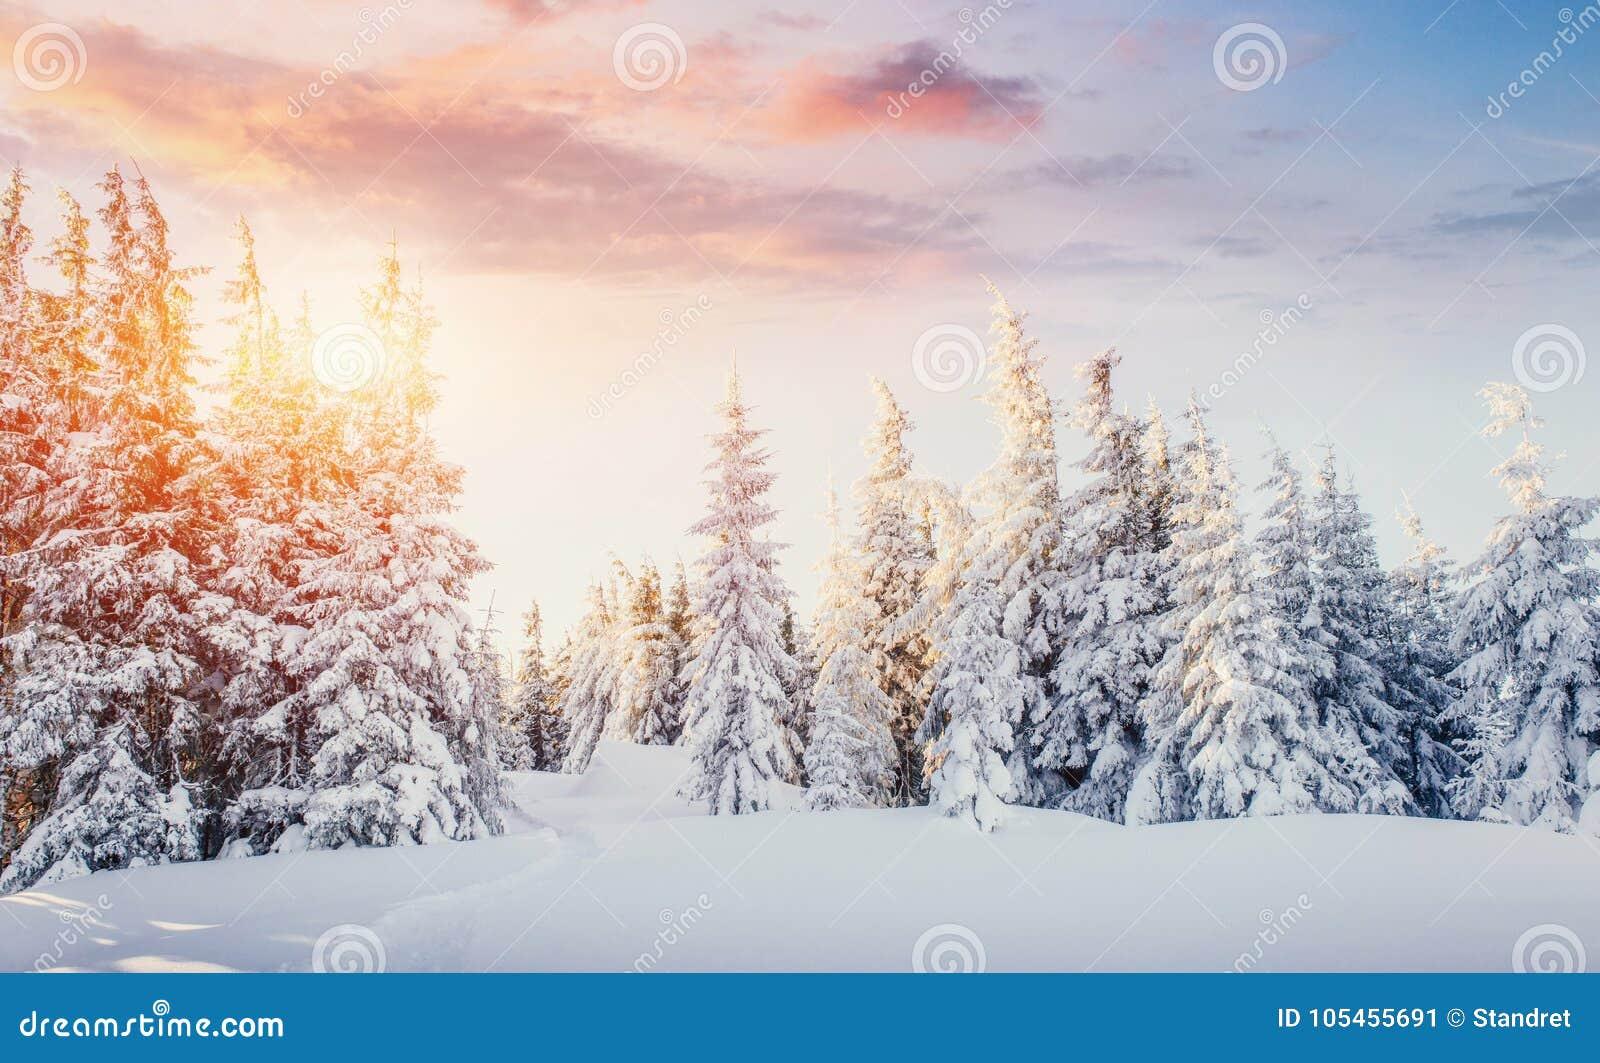 Горы загадочного ландшафта зимы величественные в зиме Волшебный снег зимы покрыл дерево драматическое место прикарпатско